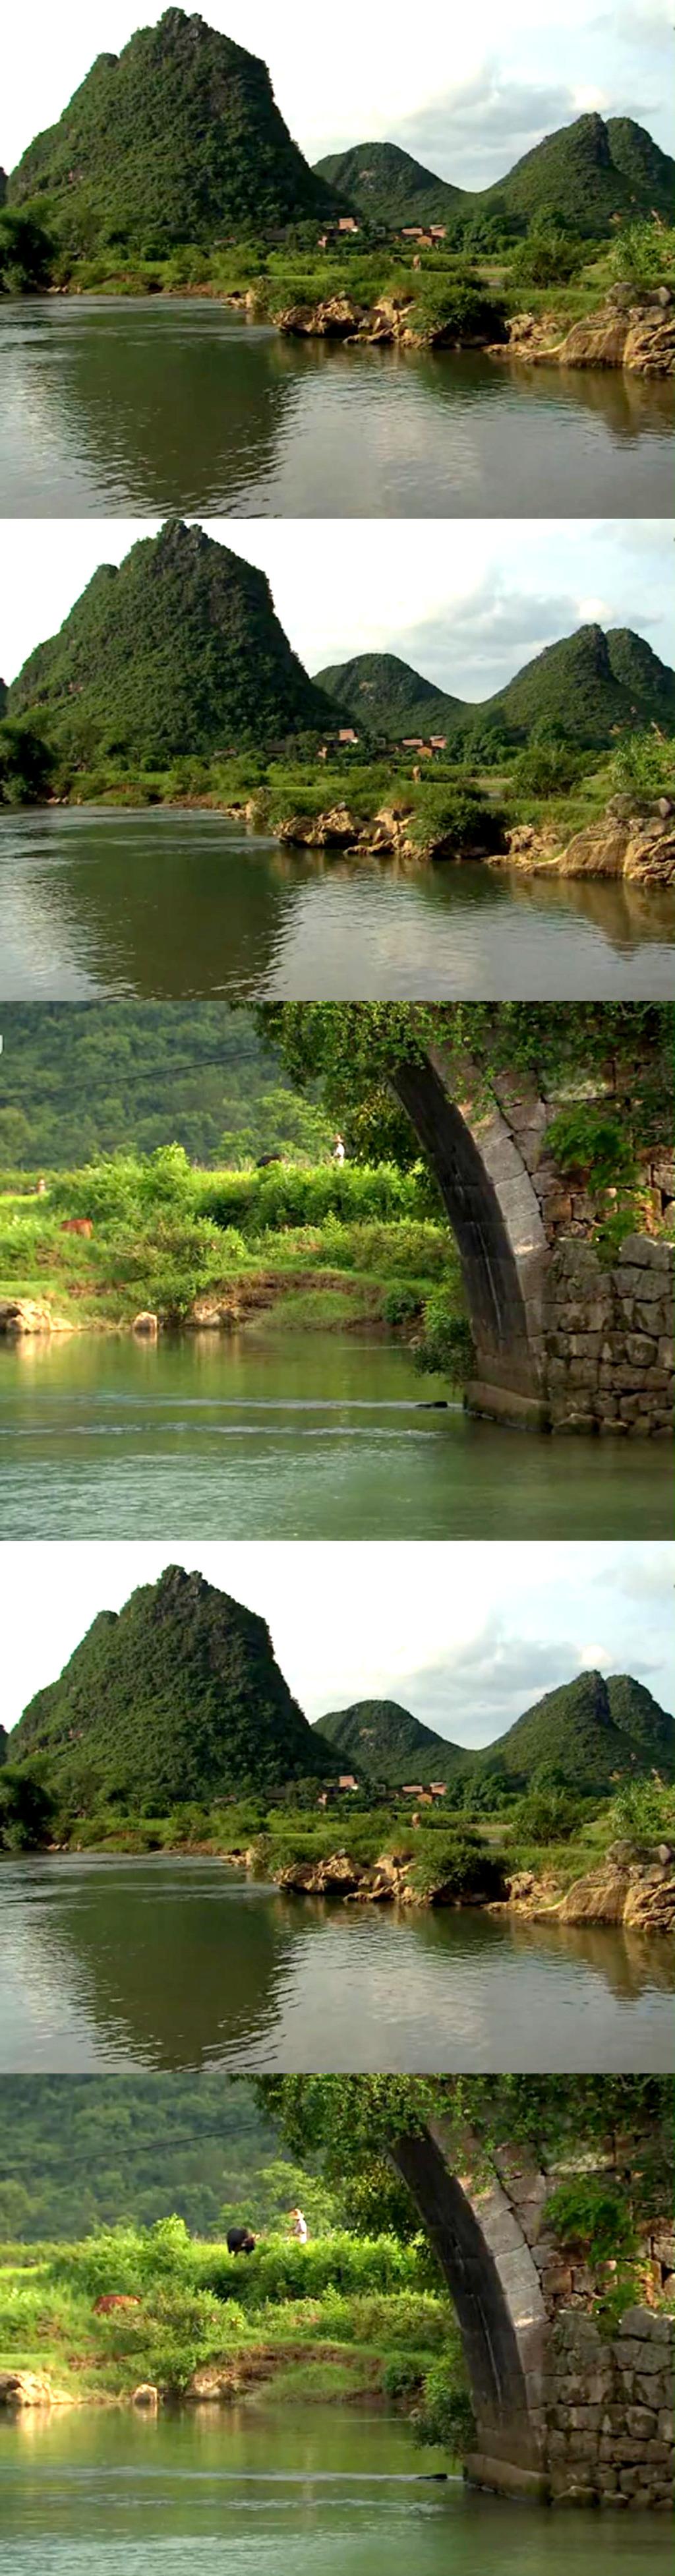 实拍乡村山水自然风景视频素材